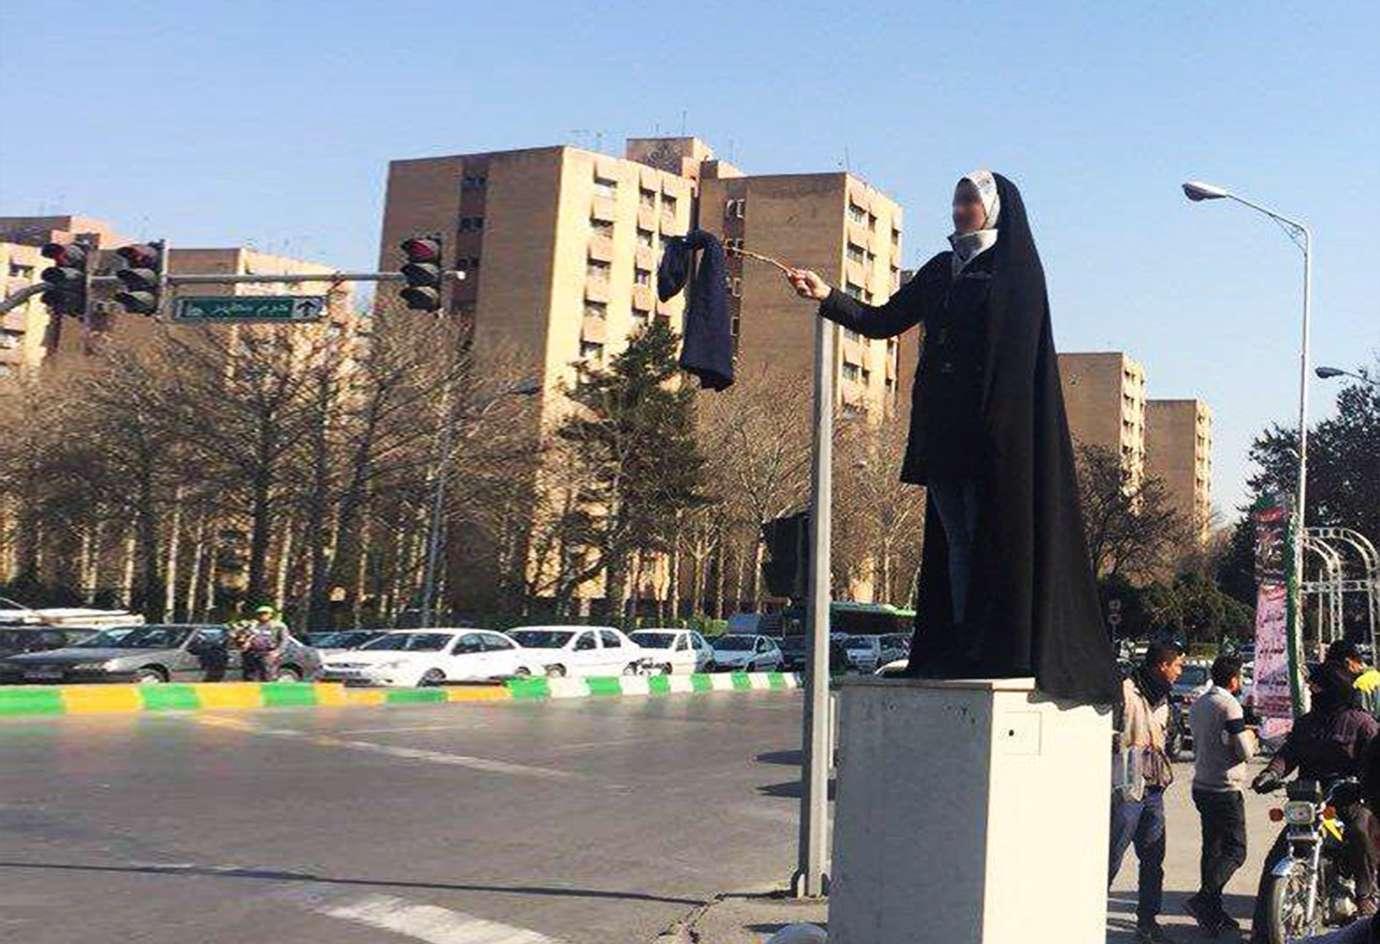 حجاب، میدان انقلاب، بی حجابی